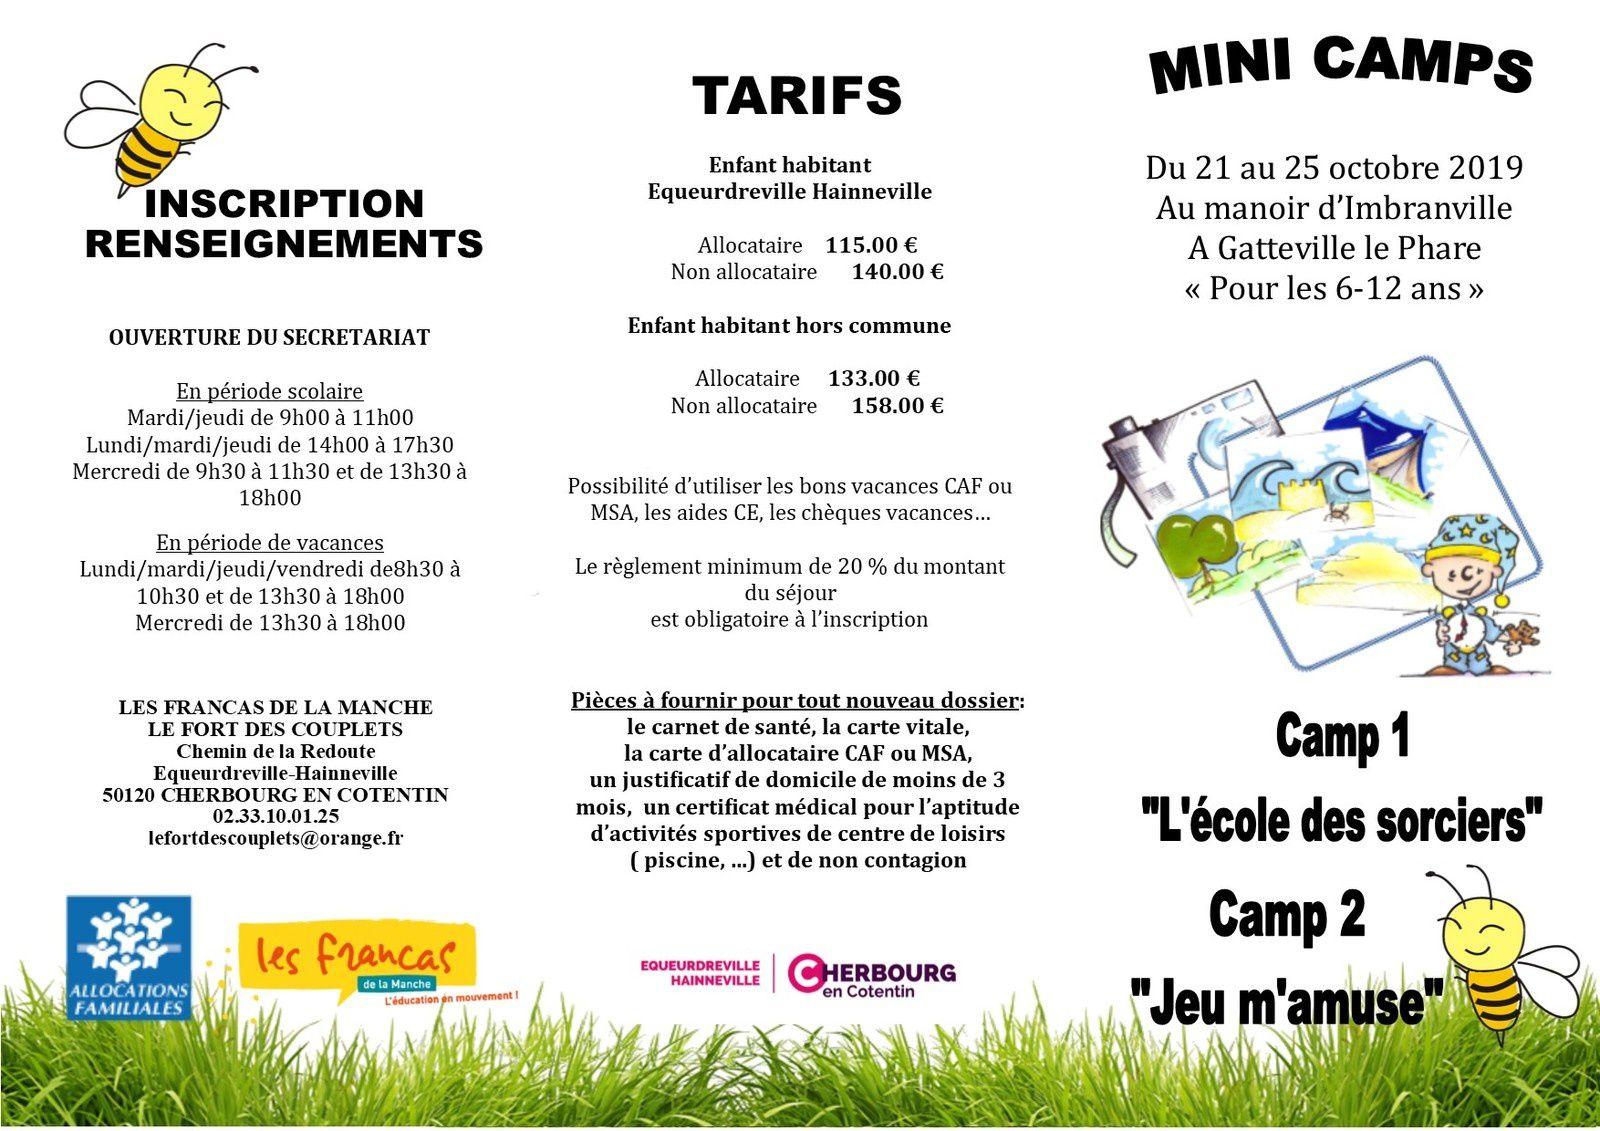 Mini camps vacances d'octobre 2019